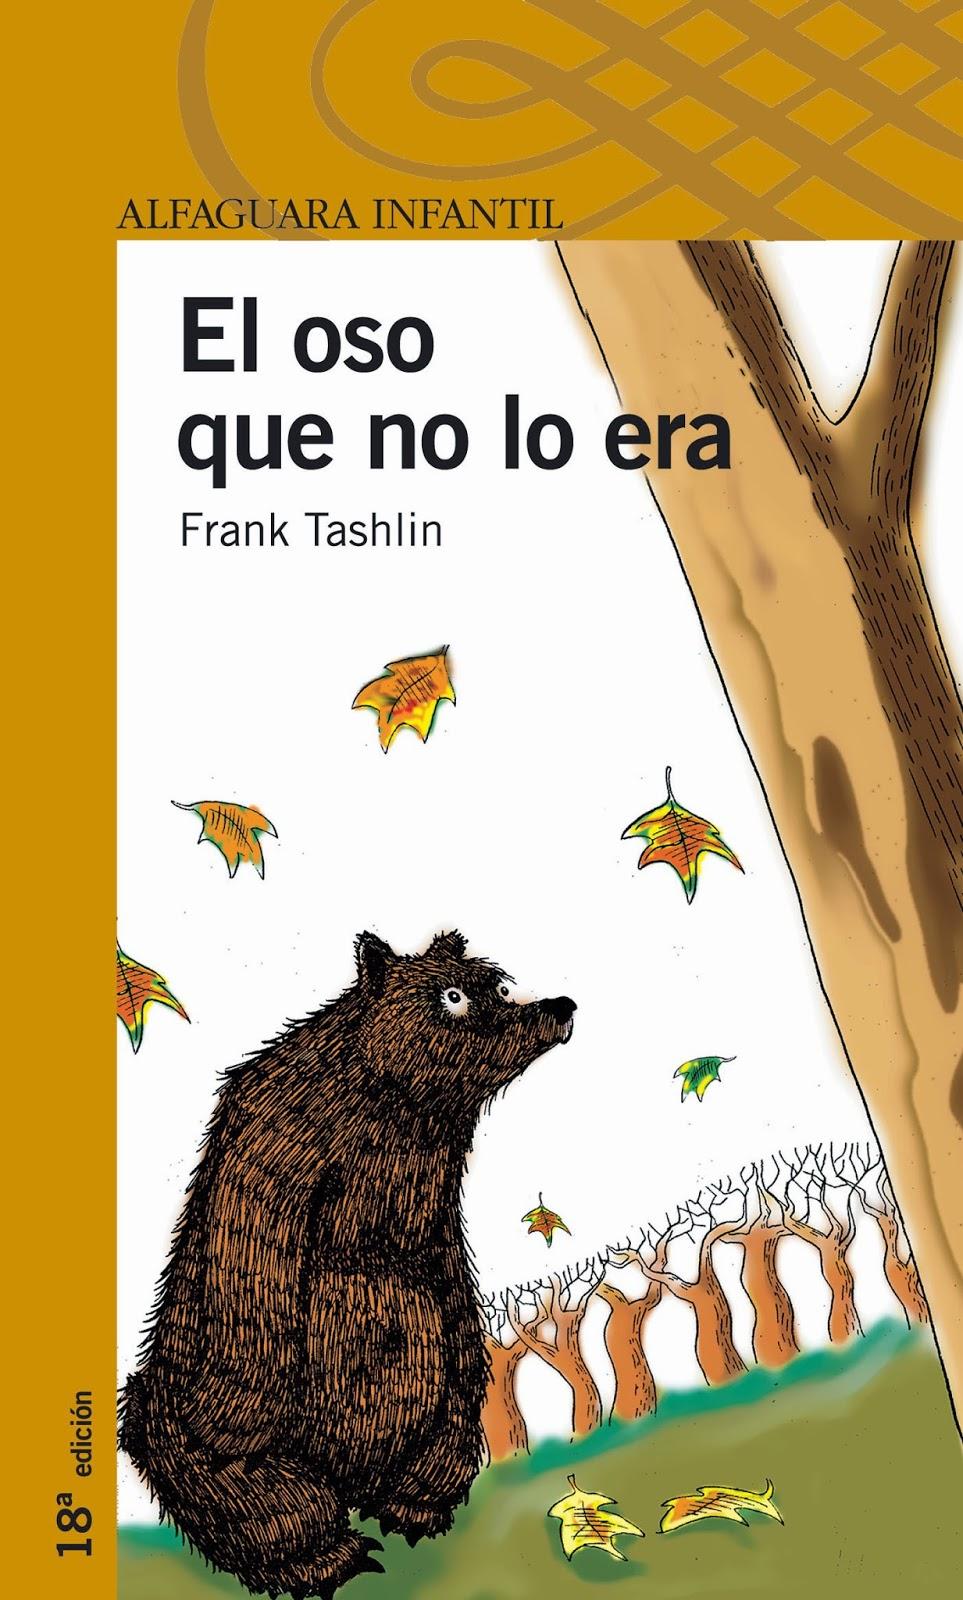 Donde Viven Los Monstruos: LIJ: La cosa va de... osos y libros ...